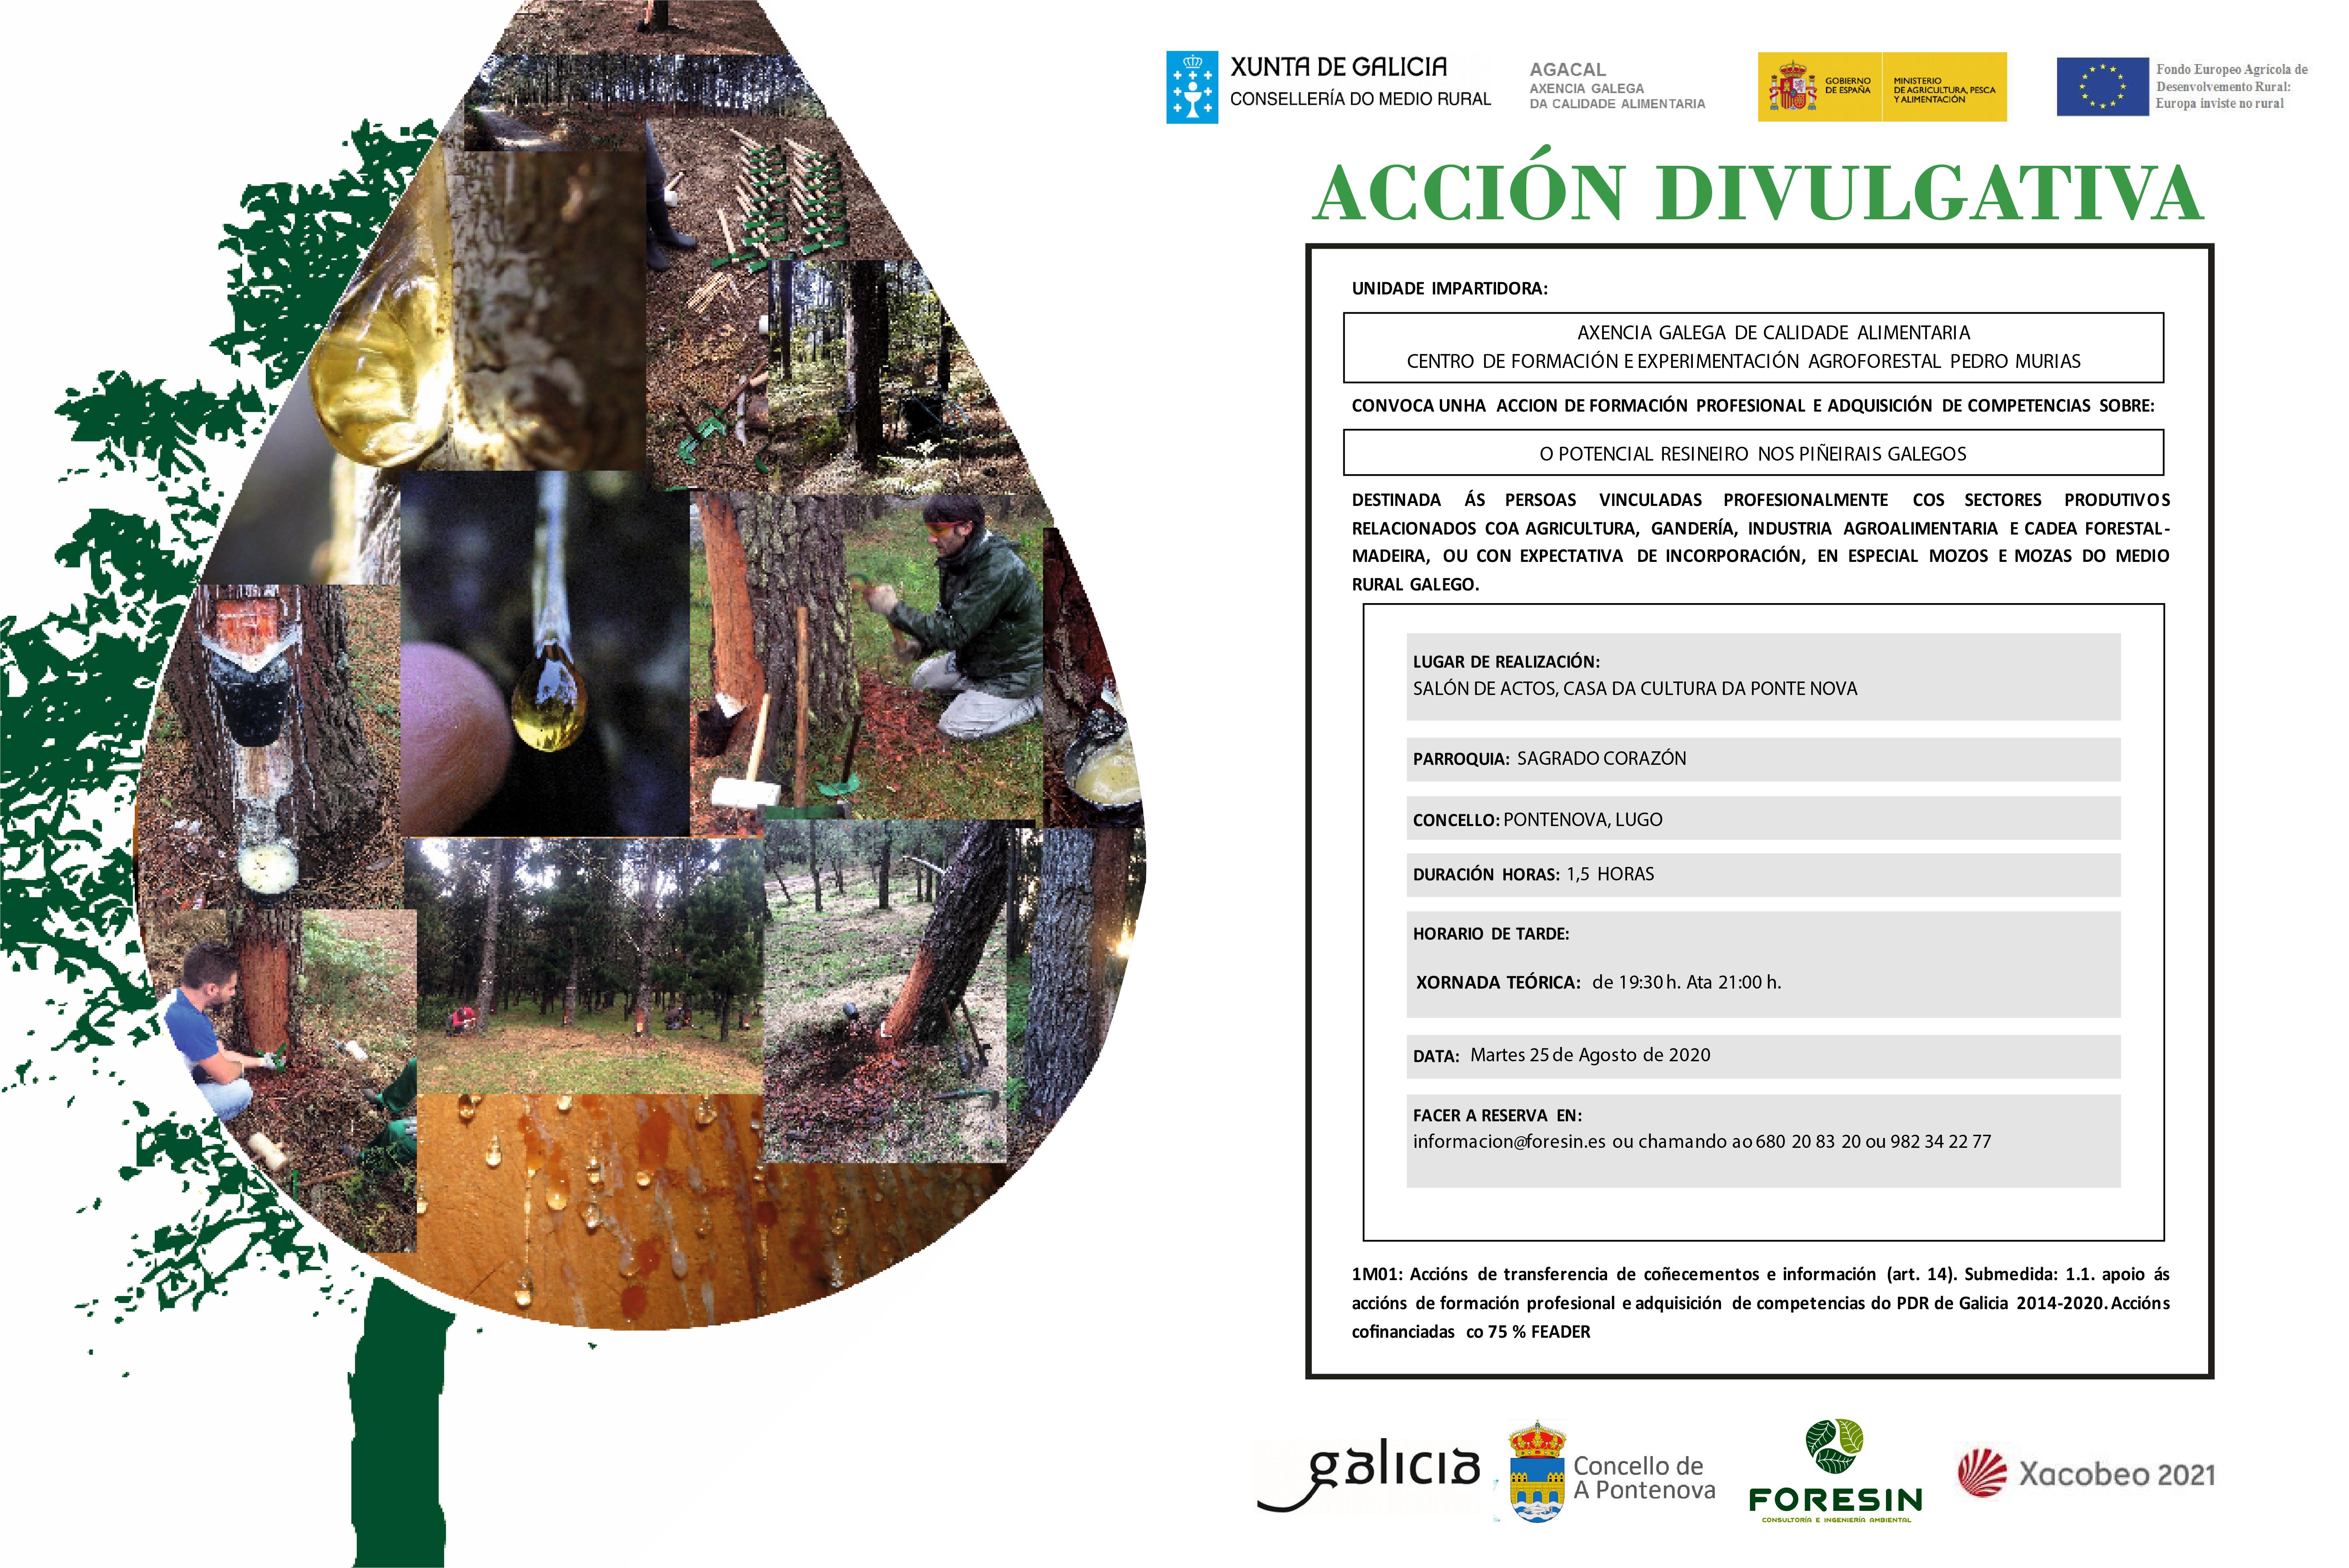 ACCIÓN DIVULGATIVA – EL POTENCIAL RESINERO DE LOS PINARES GALLEGOS